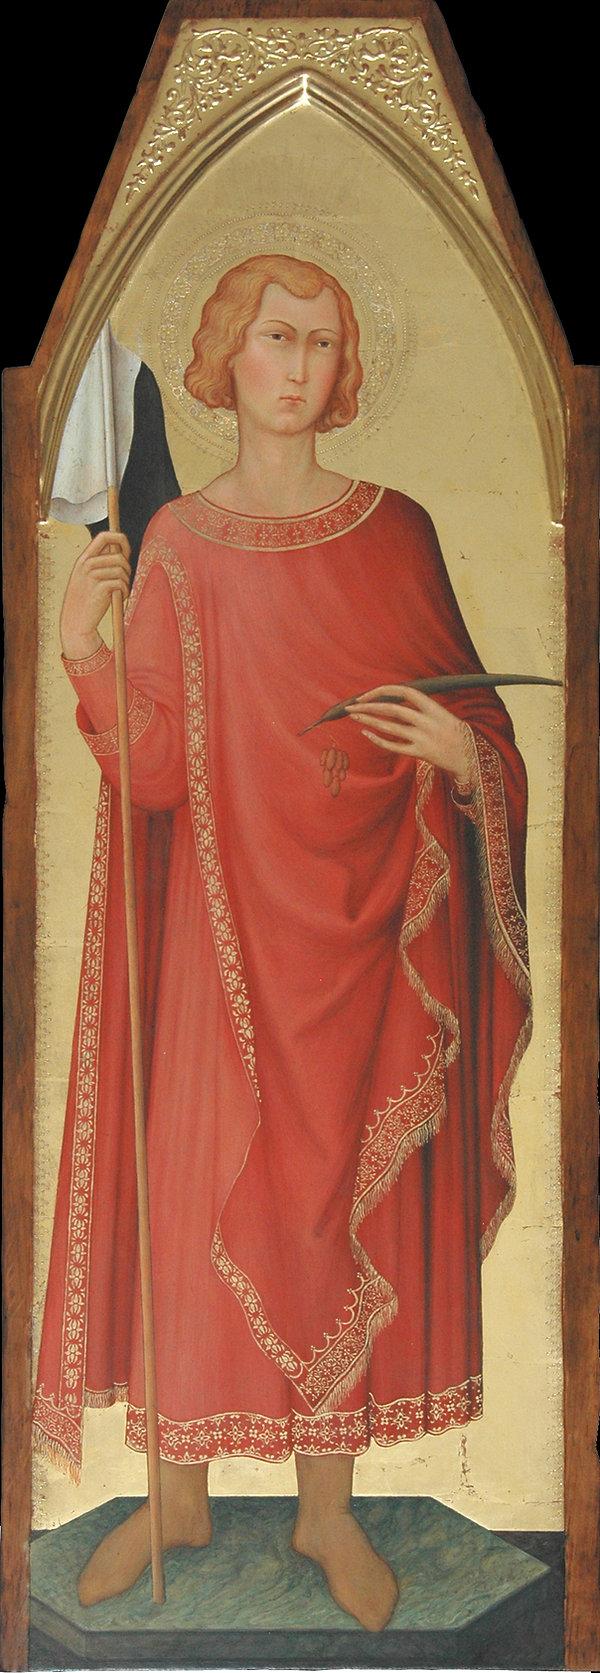 Opera tratta da Simone Martini, XIV secolo tempera e oro su tavola